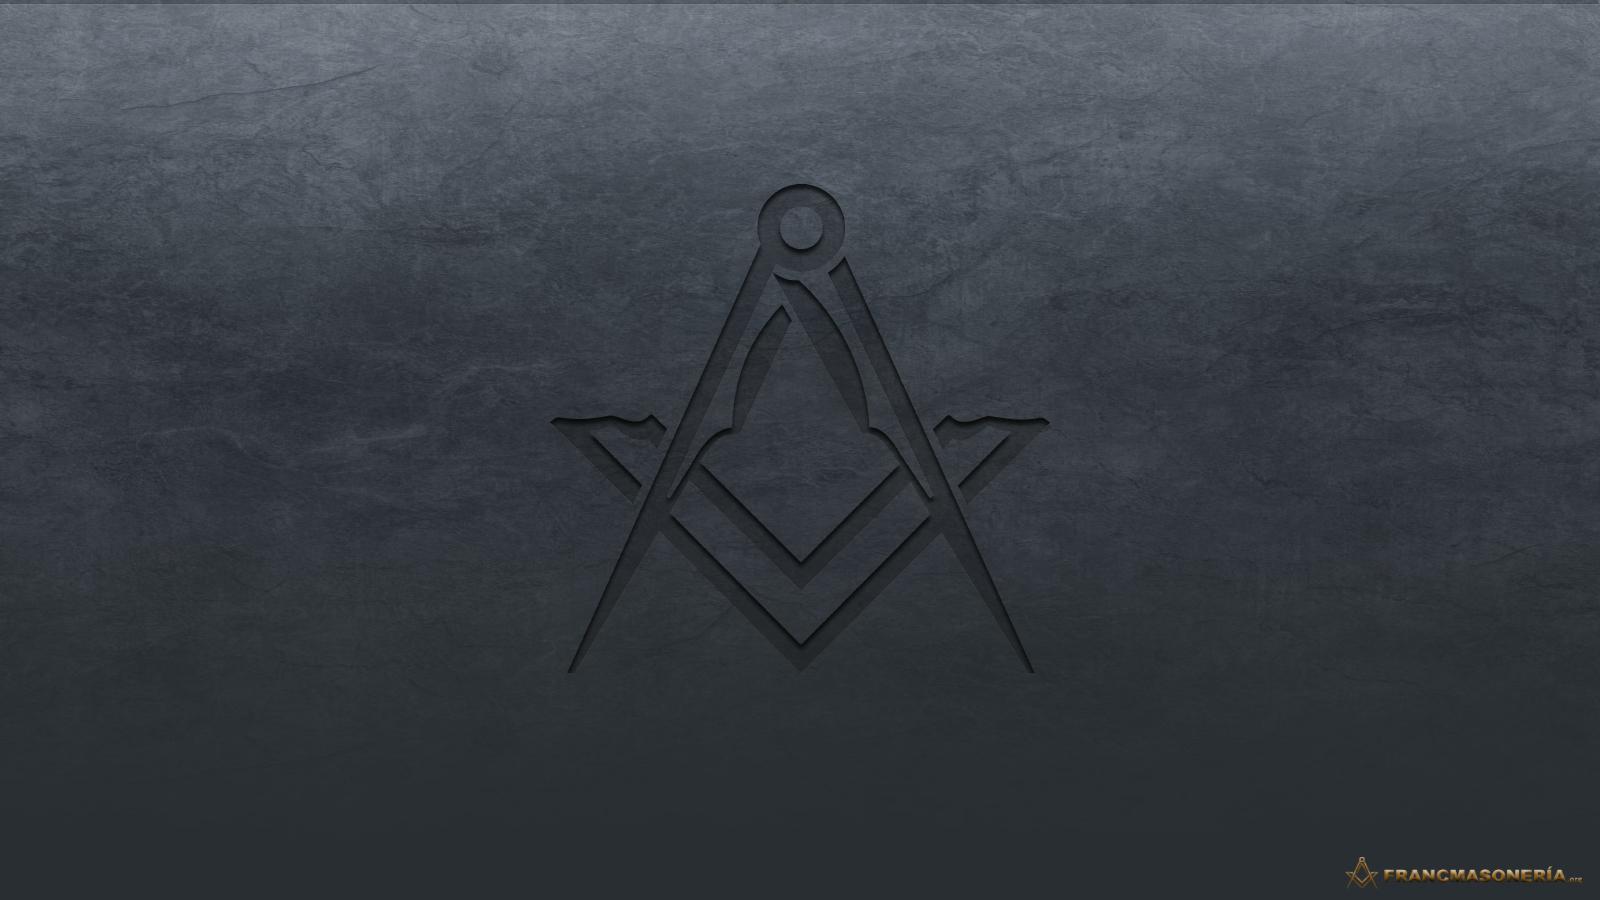 знак масонов циркуль и угольник картинки цветные в hd